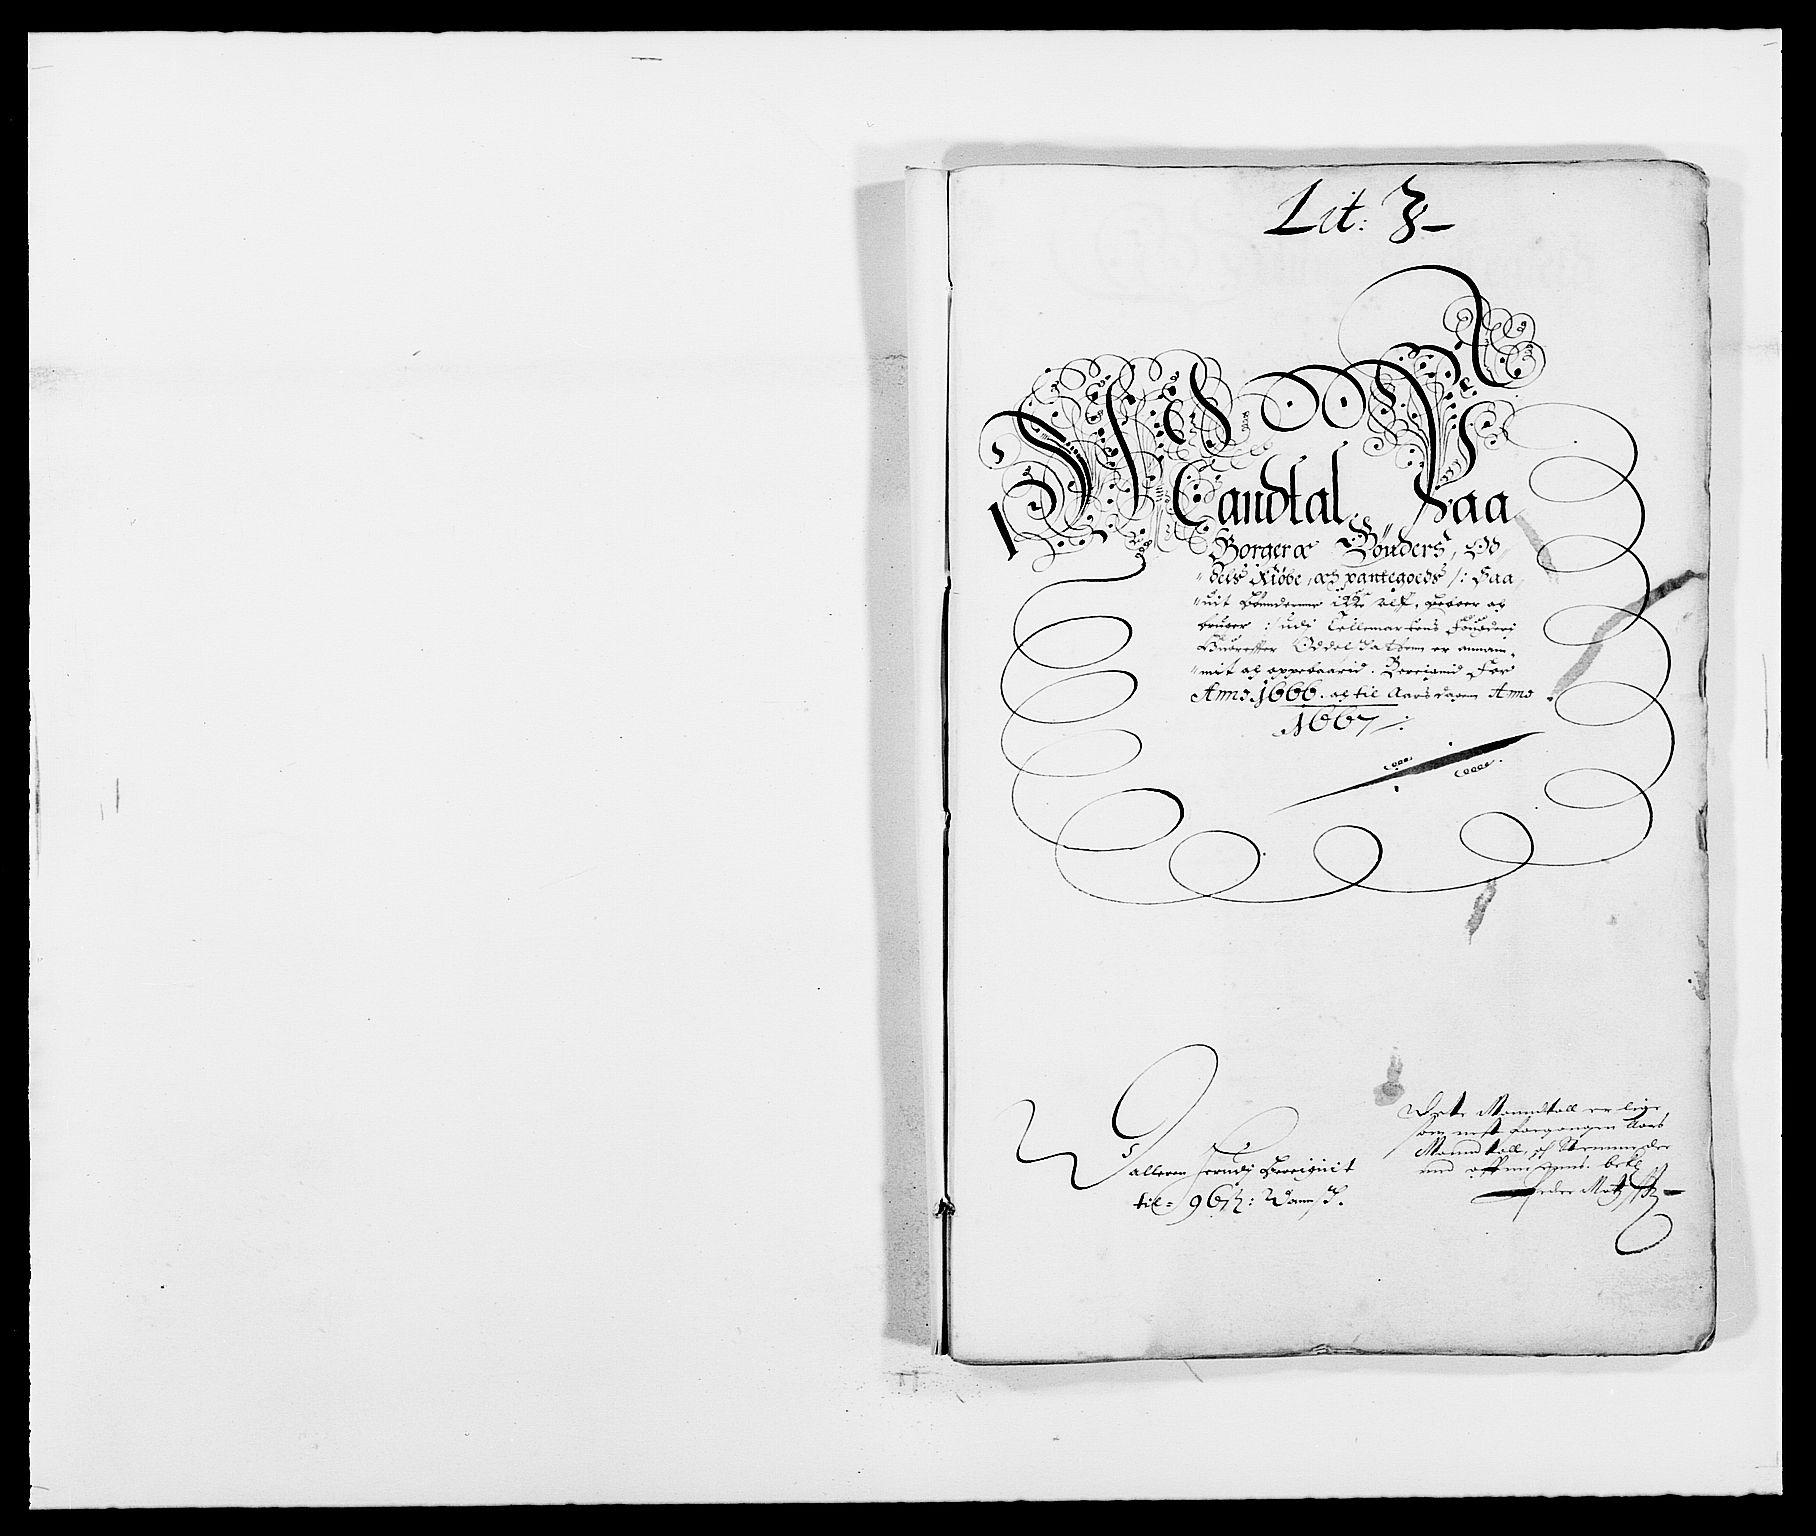 RA, Rentekammeret inntil 1814, Reviderte regnskaper, Fogderegnskap, R35/L2057: Fogderegnskap Øvre og Nedre Telemark, 1666-1667, s. 153